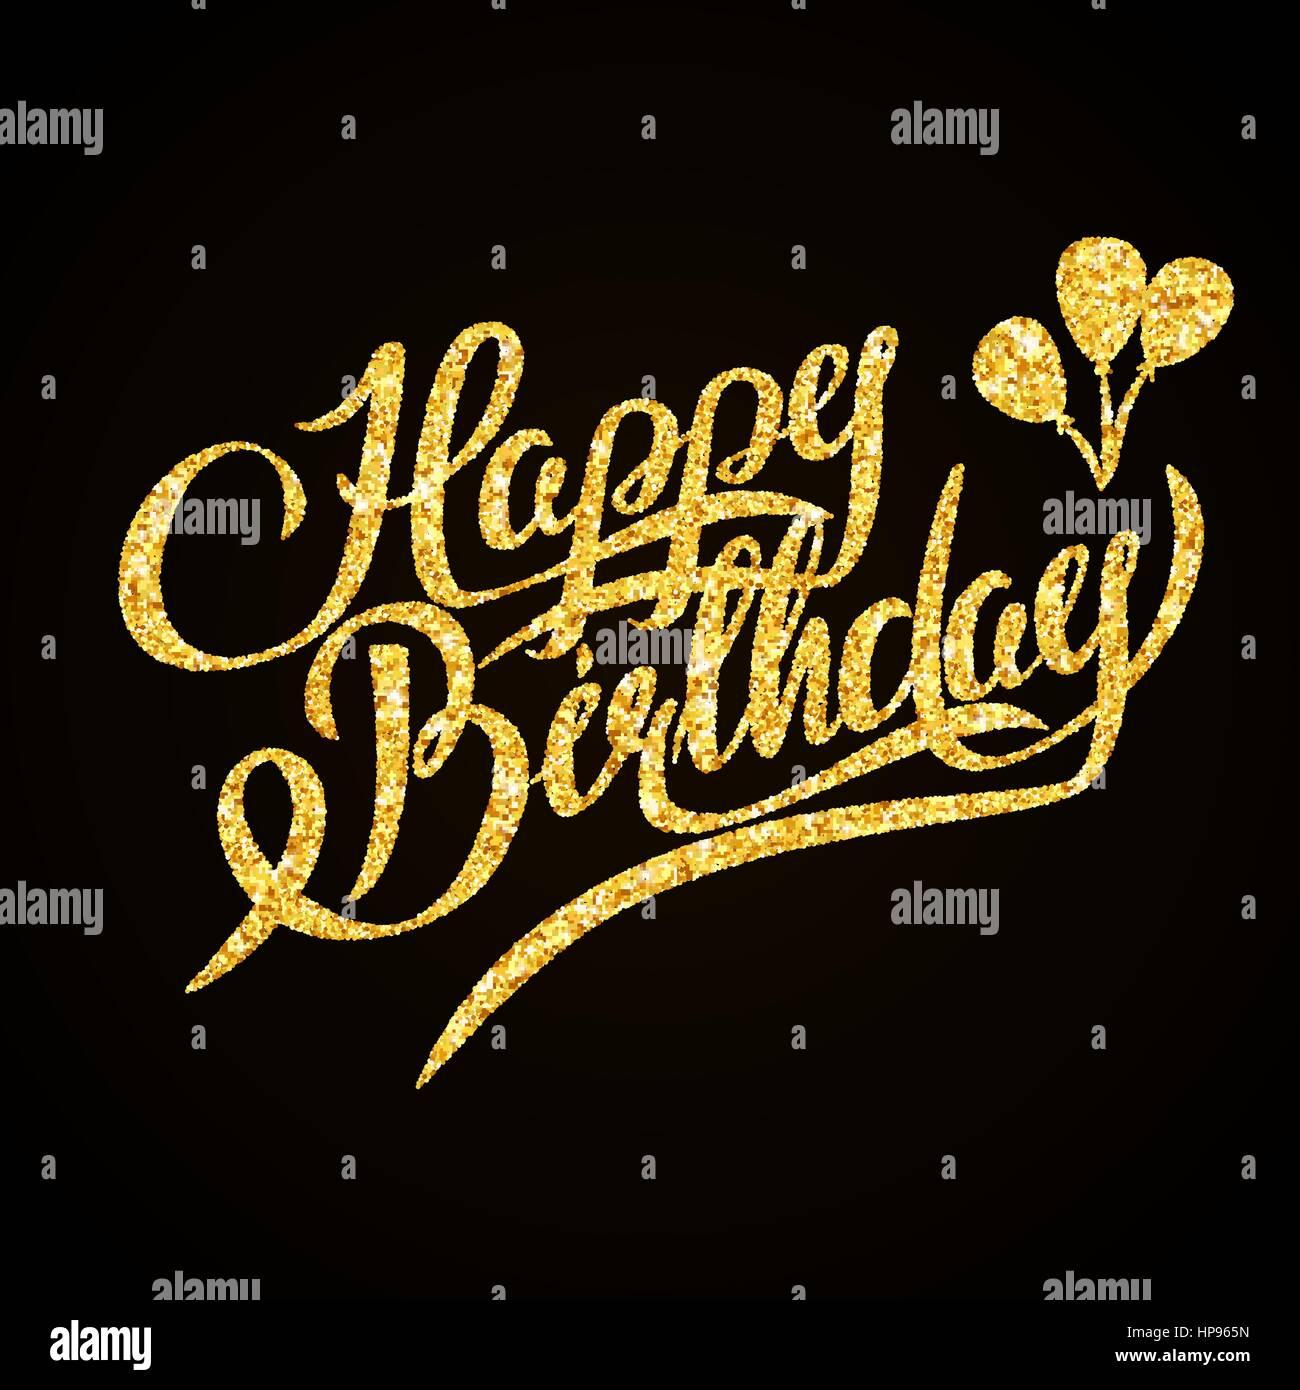 Buon Compleanno Oro Glitter Scritte A Mano Su Sfondo Nero